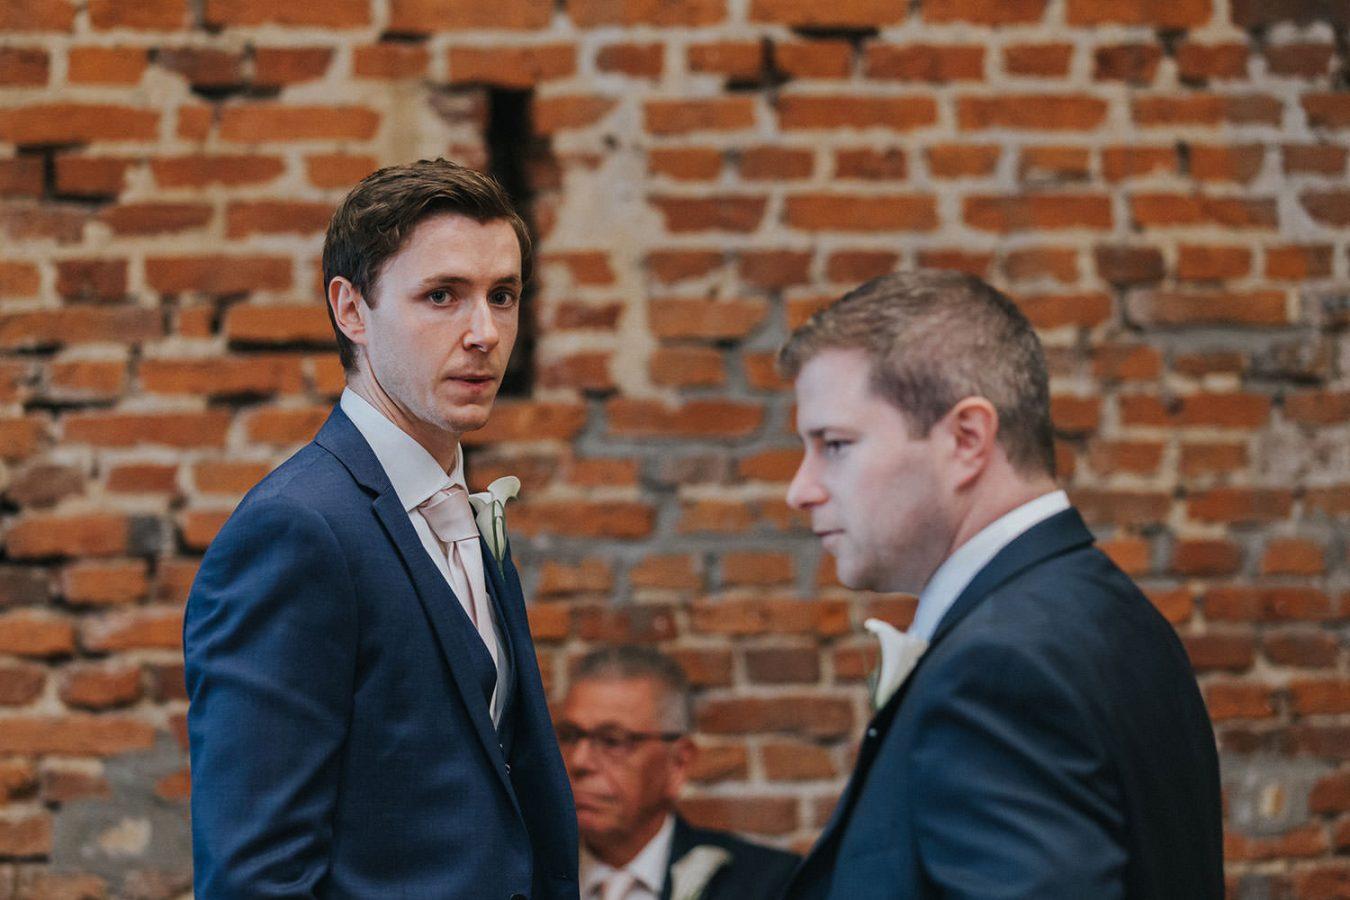 copdock-hall-wedding-photography-019